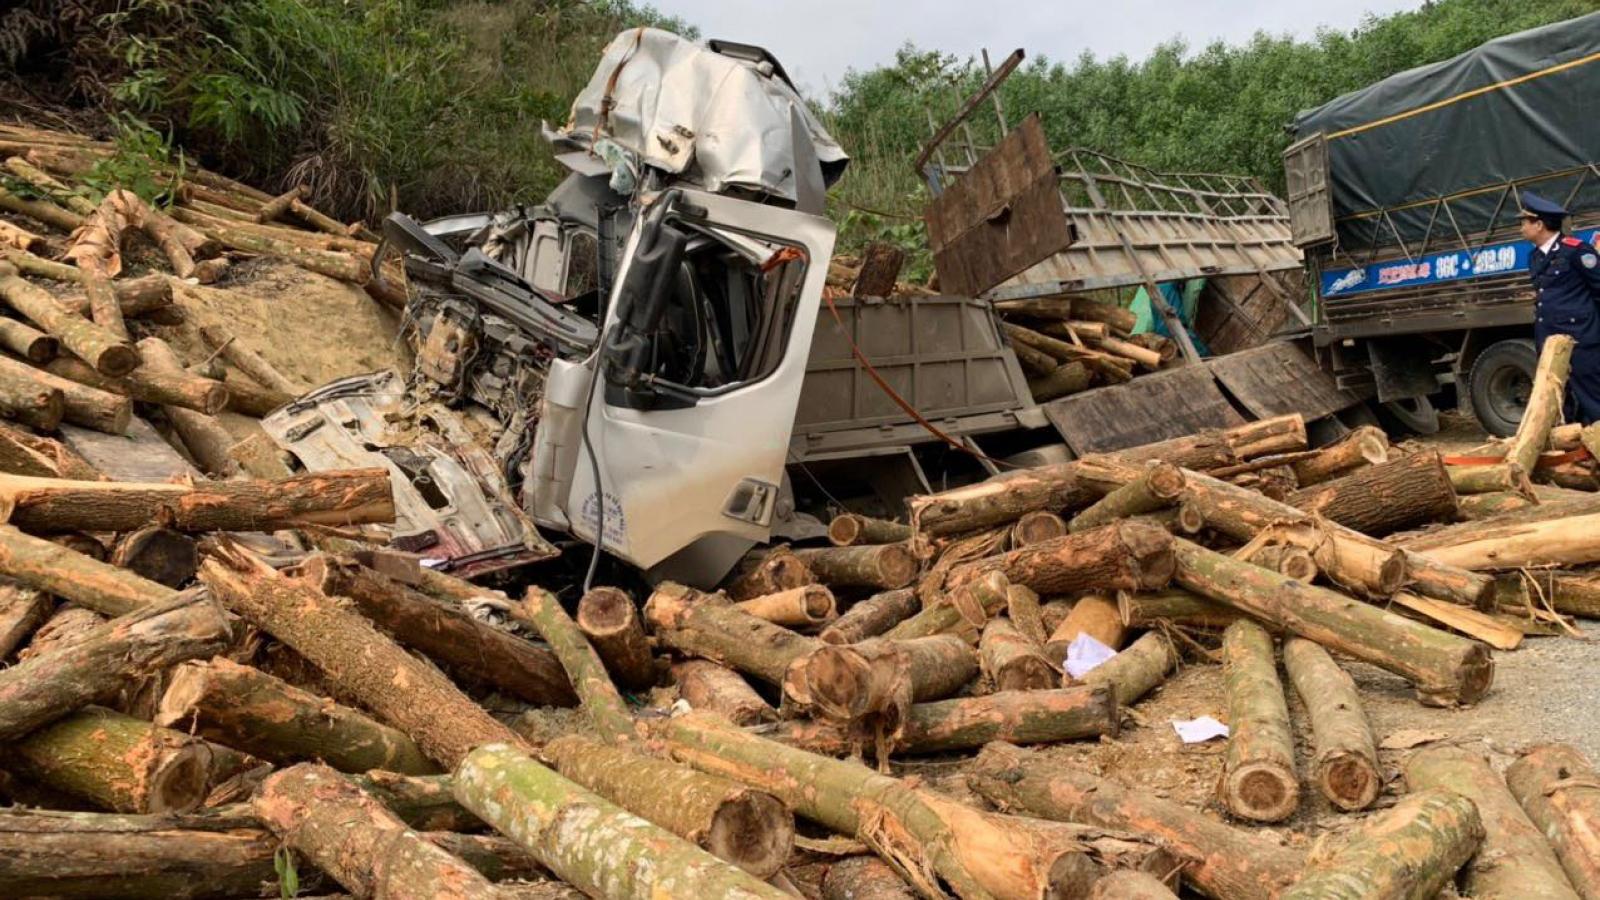 Vụ TNGT nghiêm trọng làm 7 người chết ở Thanh Hóa: Xe tải chở quá 5 người